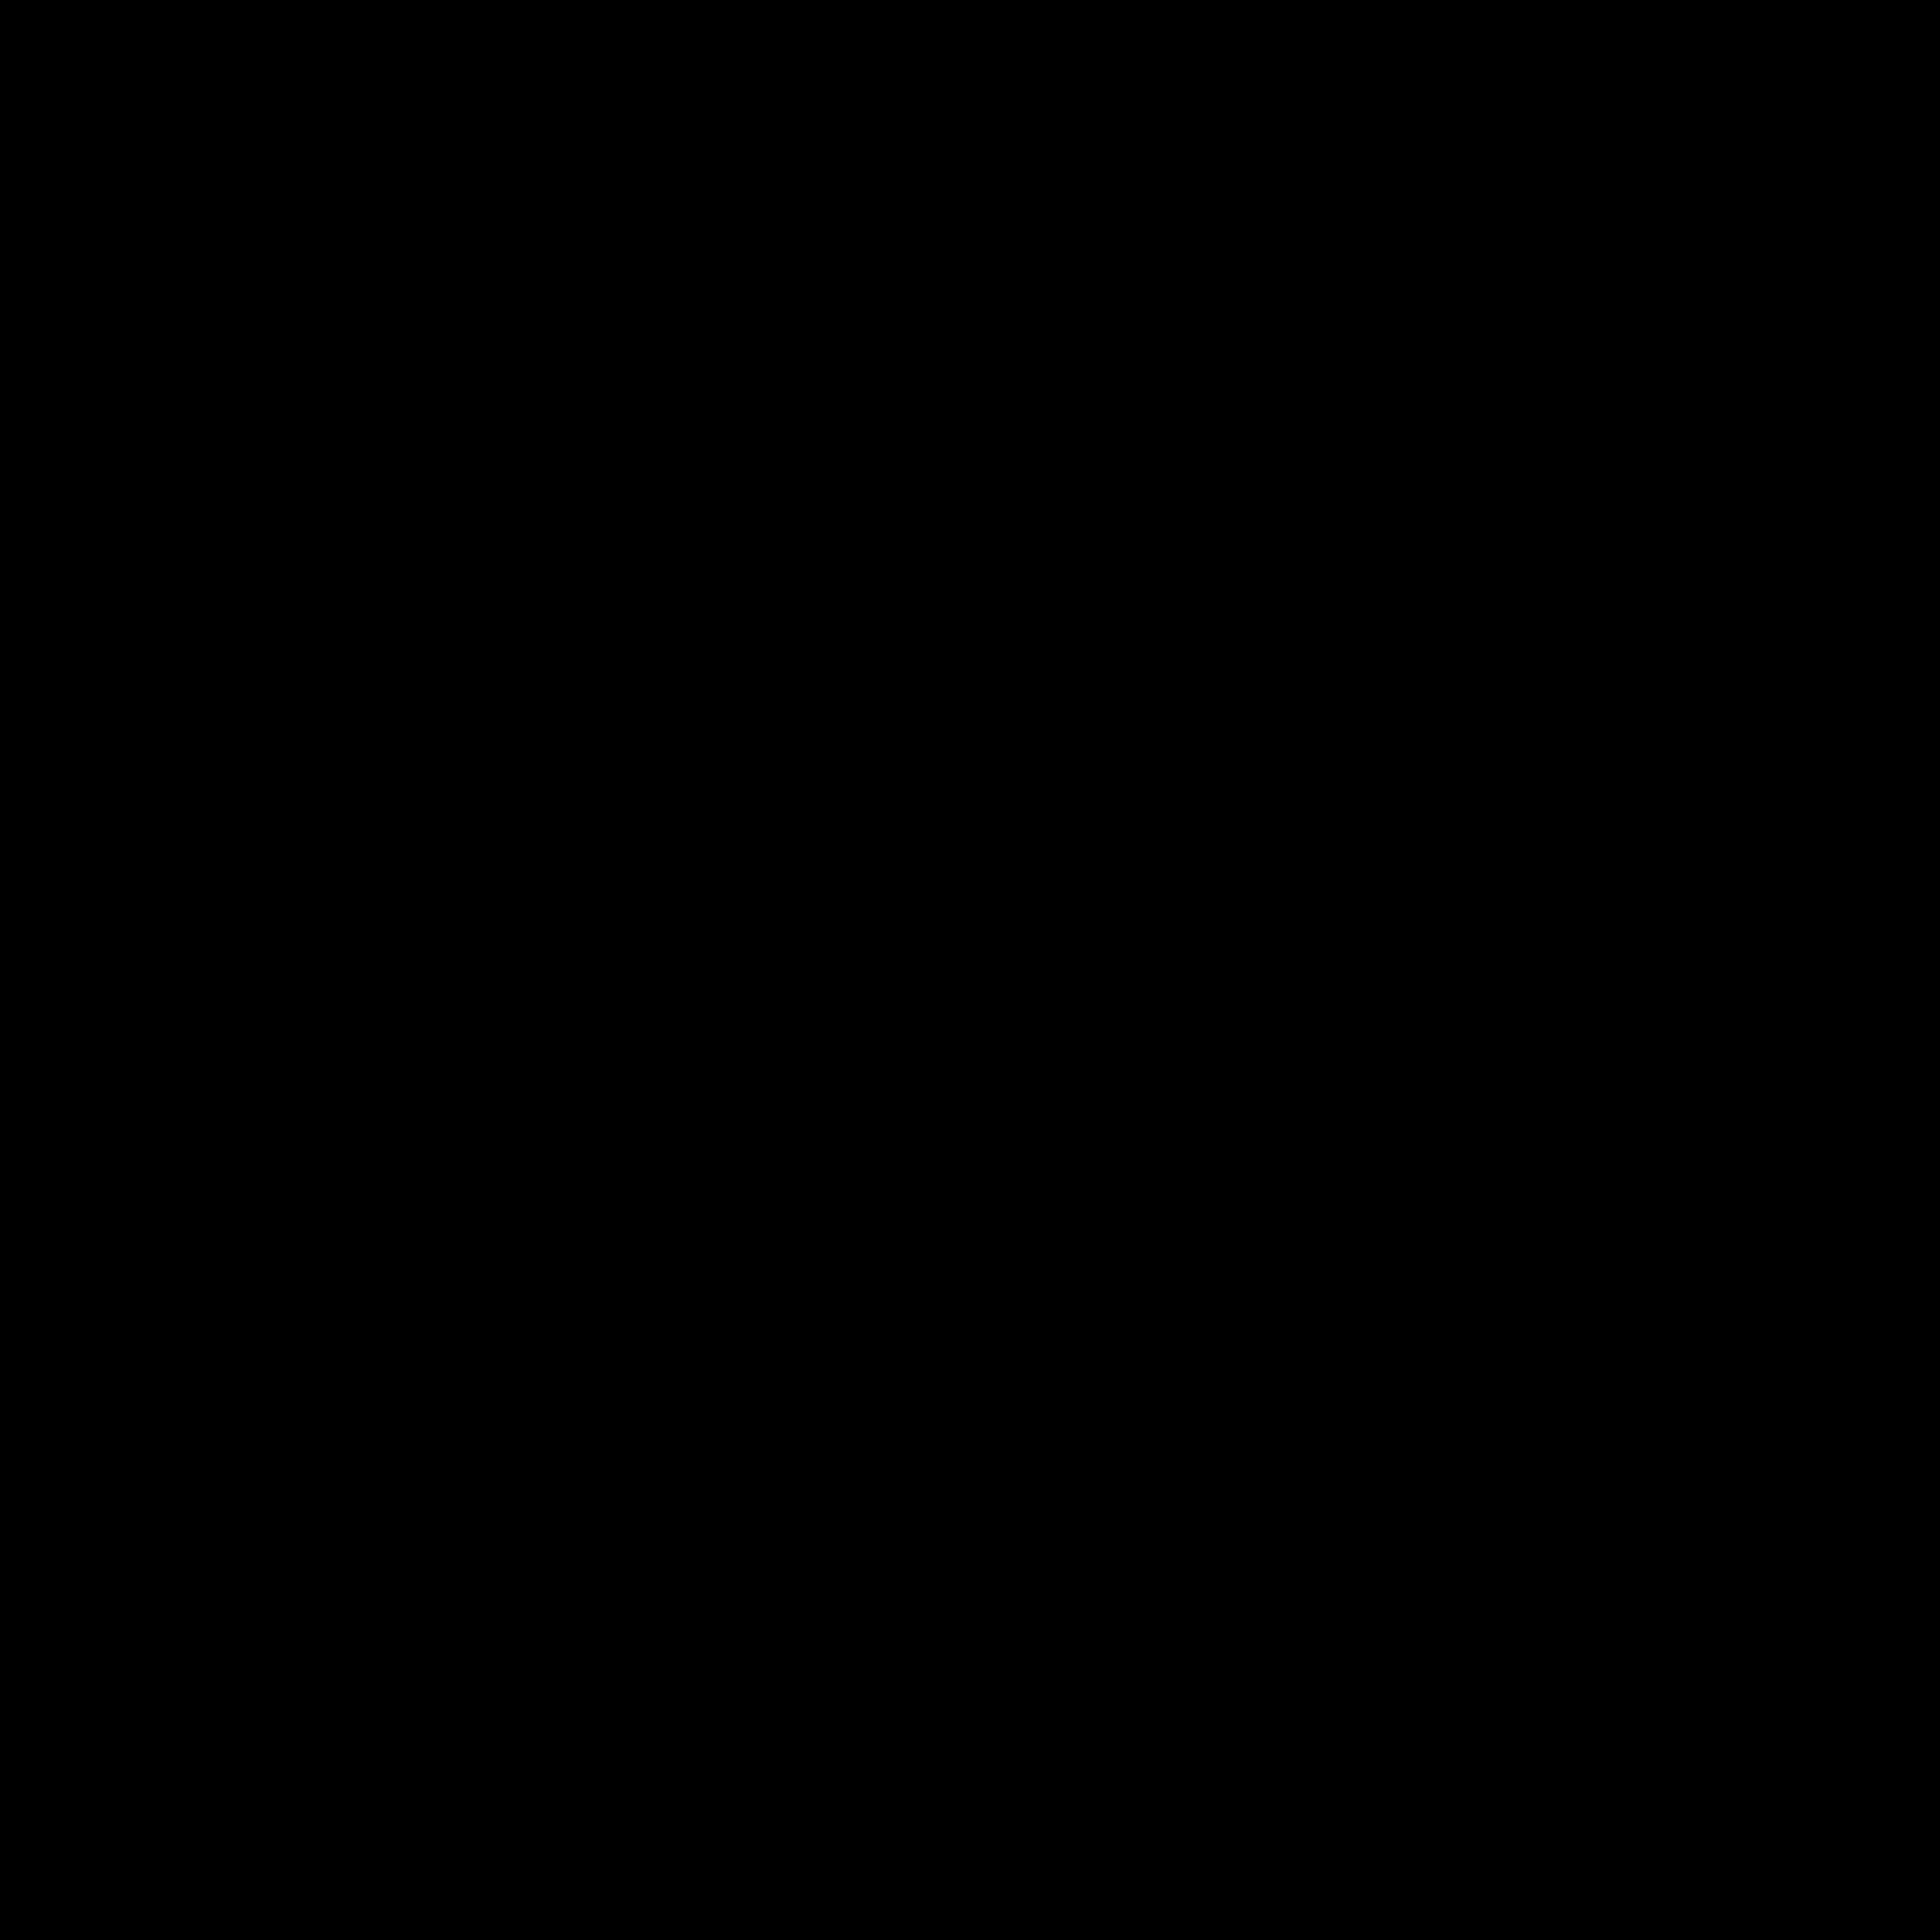 ramp_normal_map